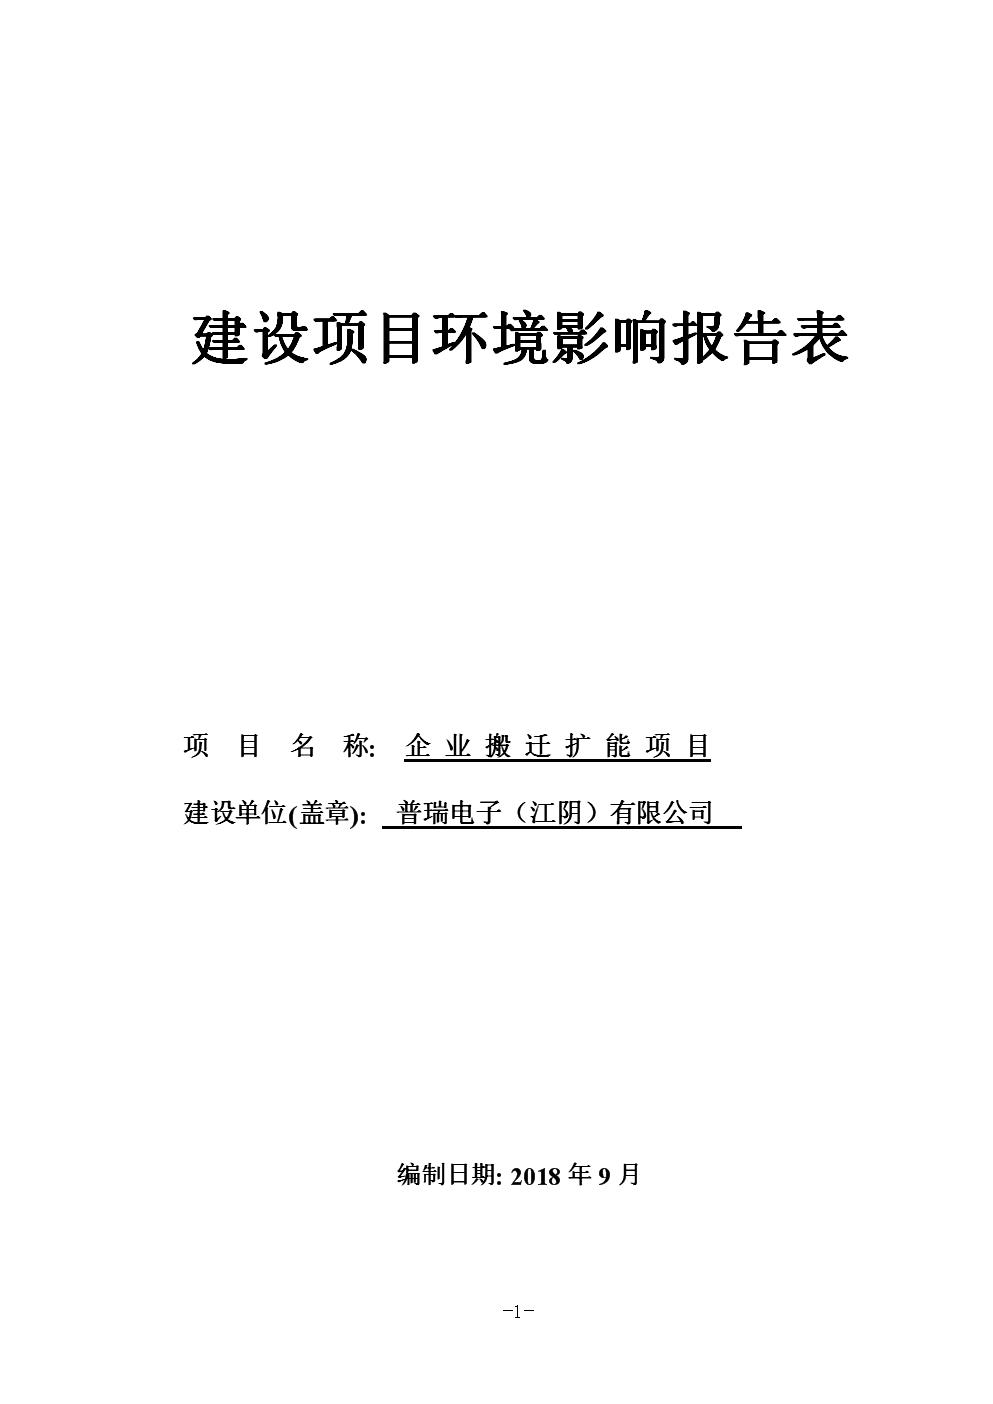 普瑞电子(江阴)有限公司企业搬迁扩能项目建设项目环境影响报告表.doc